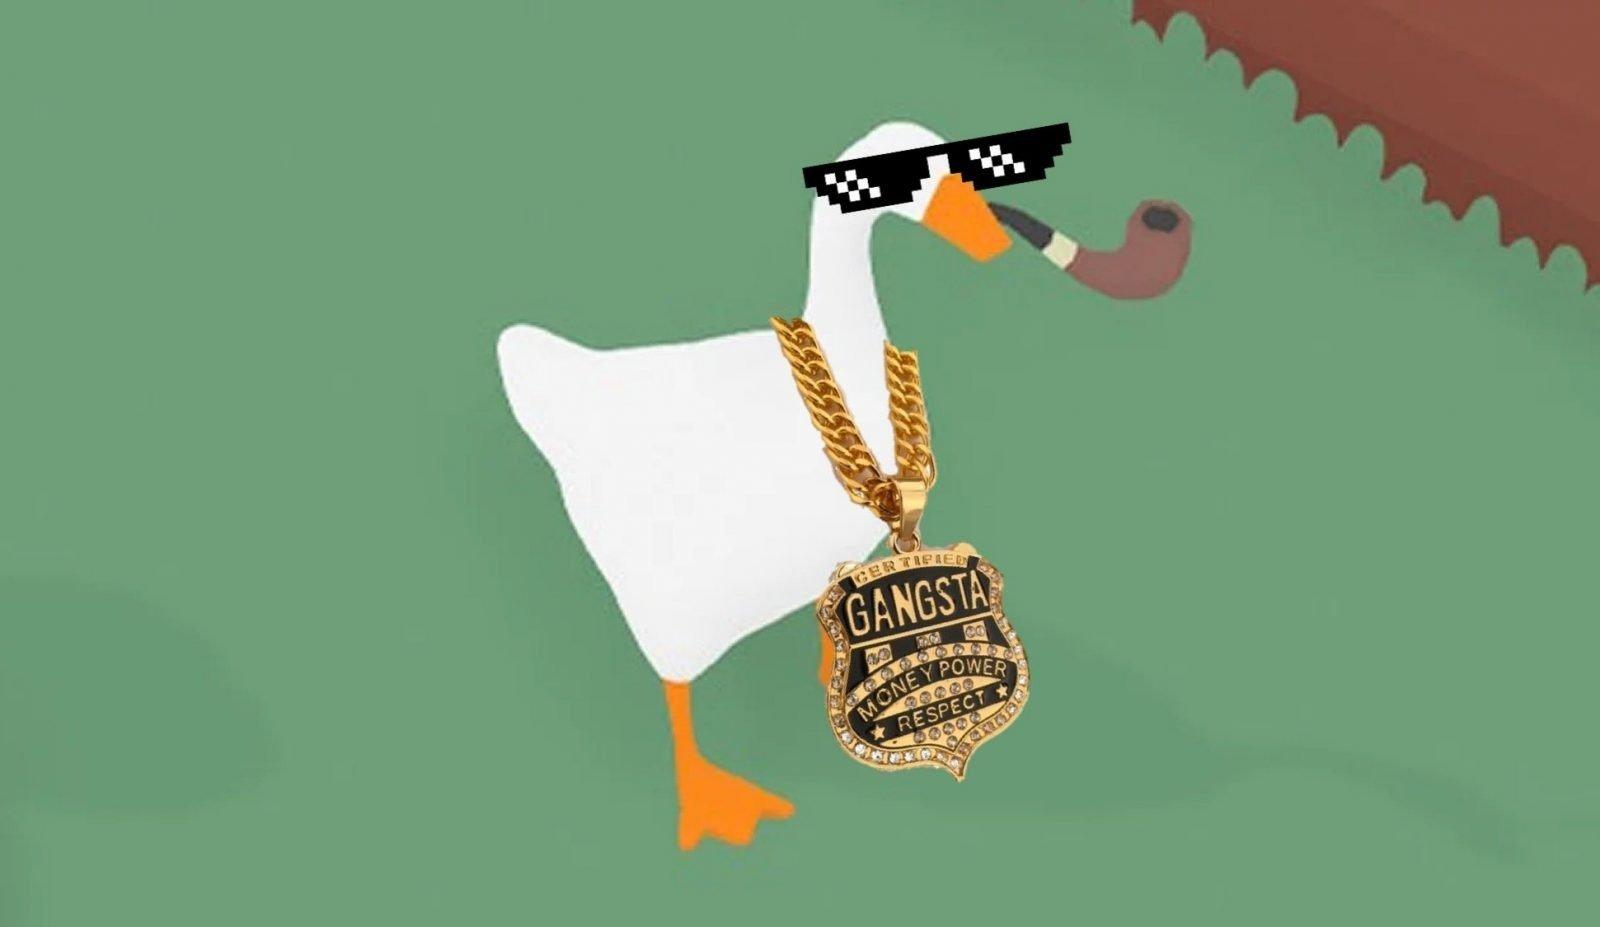 """Alguém fez uma playlist fake """"Trilha sonora oficial de Untitled Goose Game"""" no Spotify"""